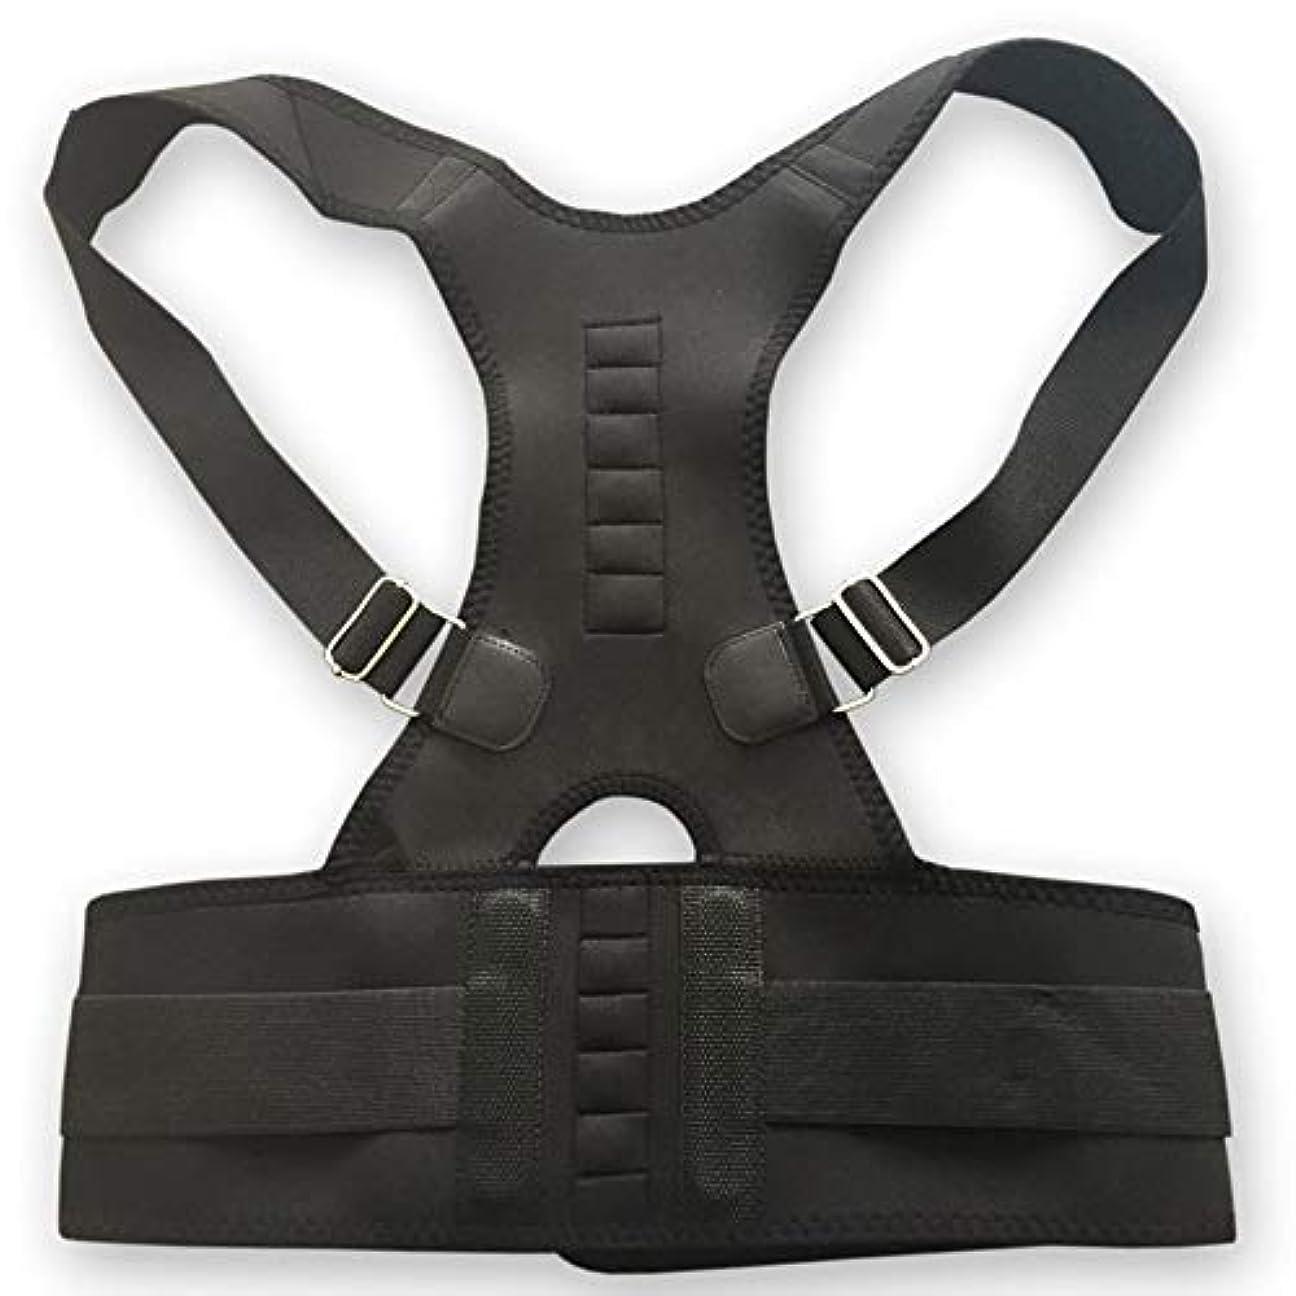 十代うねる中絶ネオプレン磁気姿勢補正器バッドバック腰椎肩サポート腰痛ブレースバンドベルトユニセックス快適な服装 - ブラック2 XL